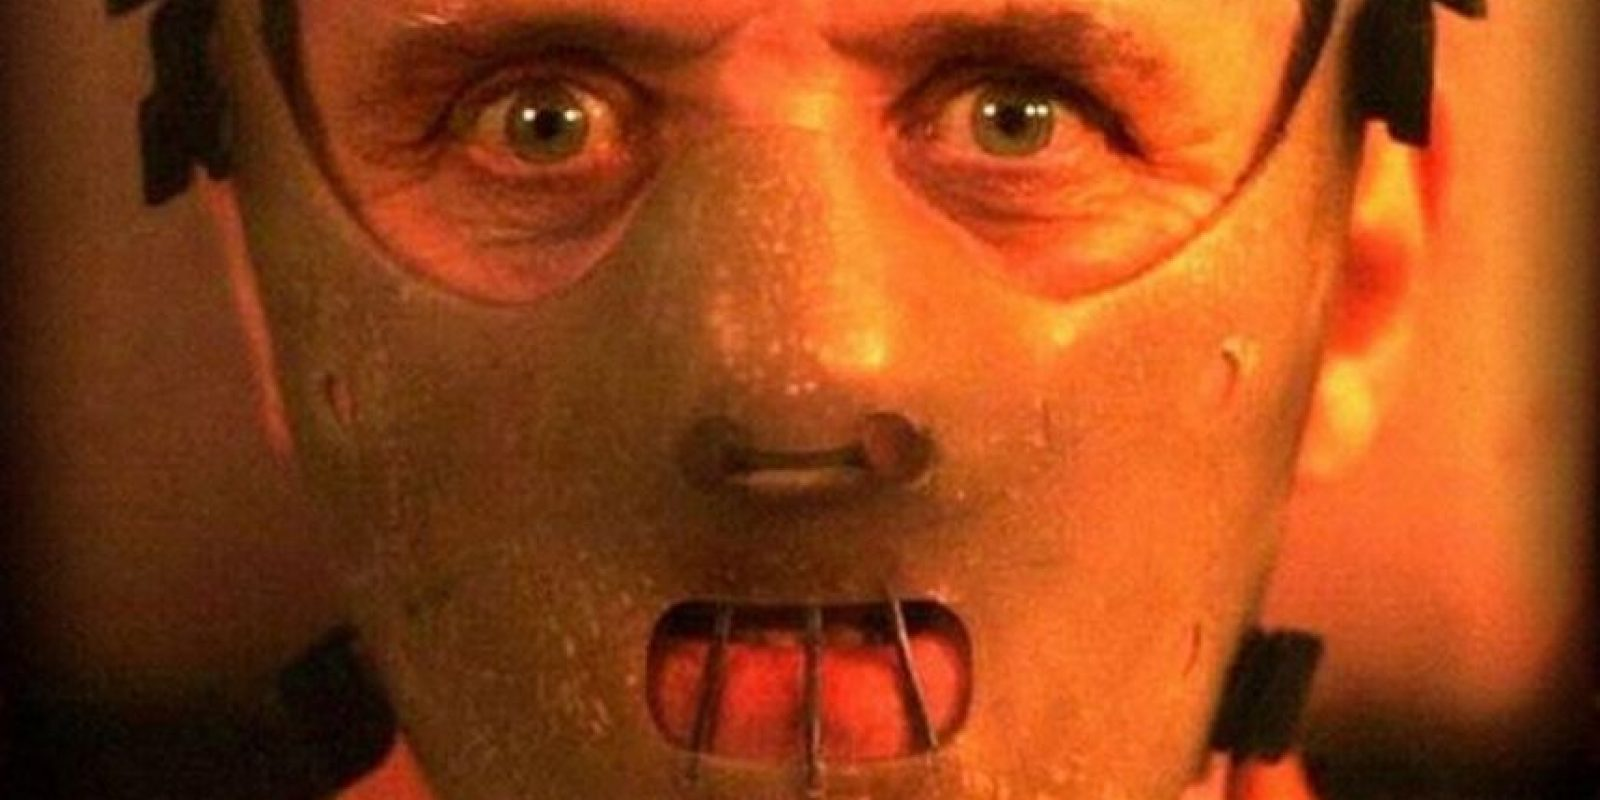 Las máscaras más famosas de las películas de terror El silencio de los inocentes Foto:Especial